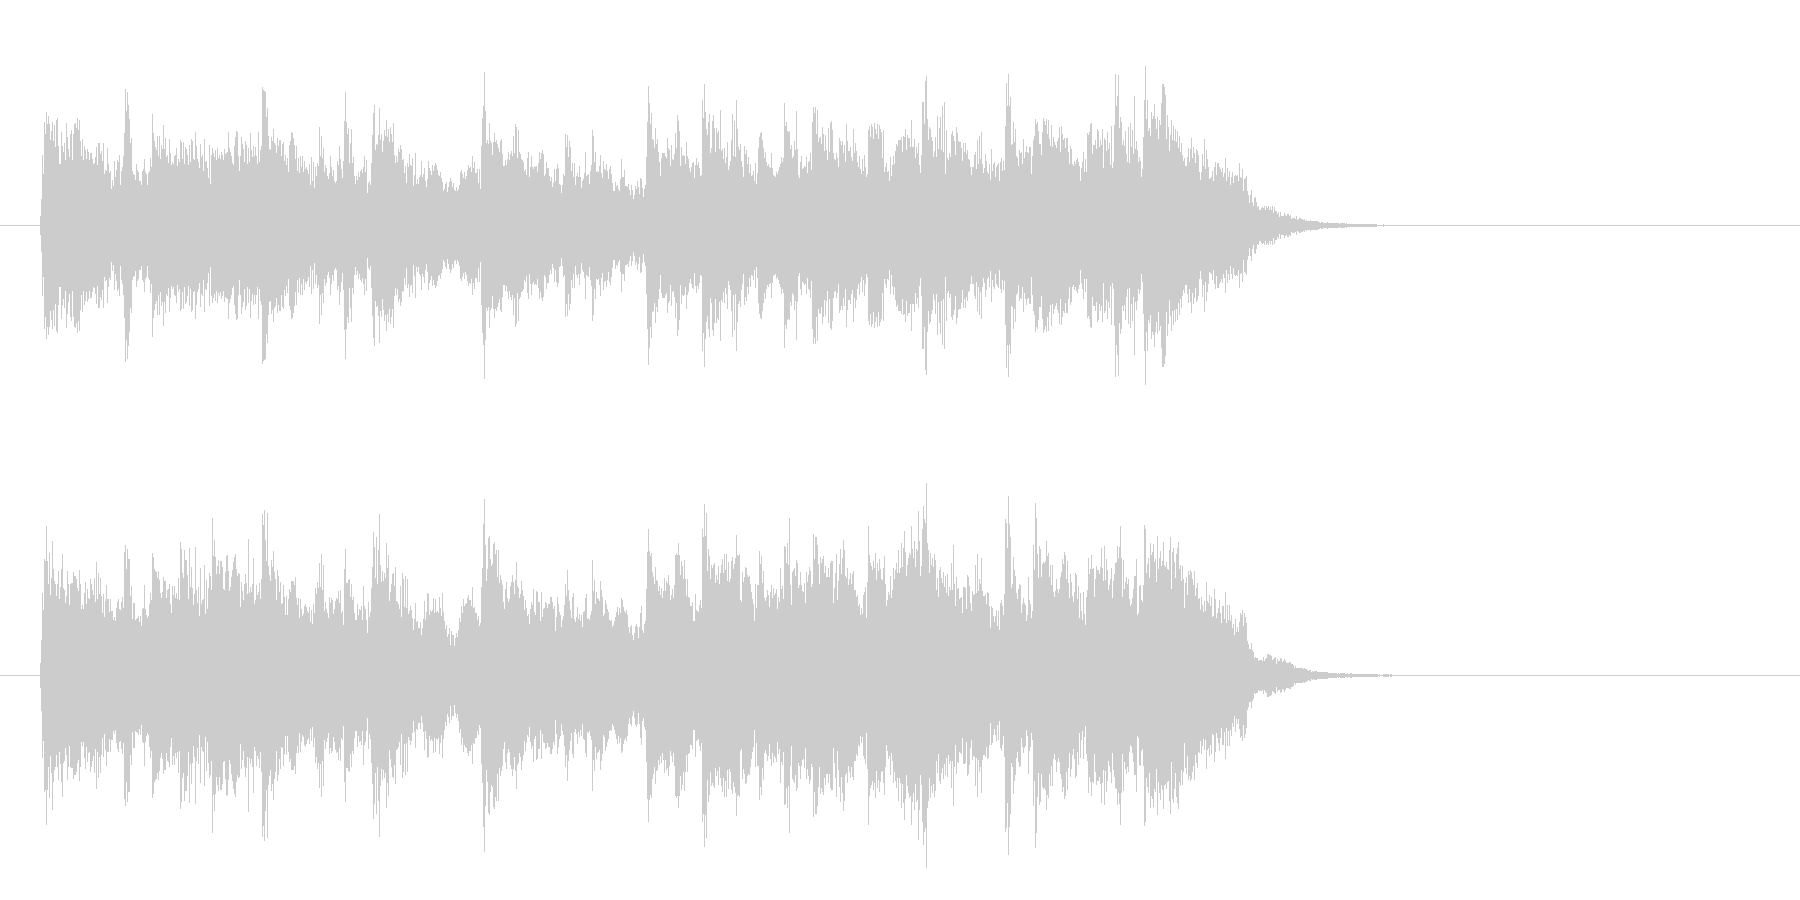 アコースティックバラード(サビ)の未再生の波形